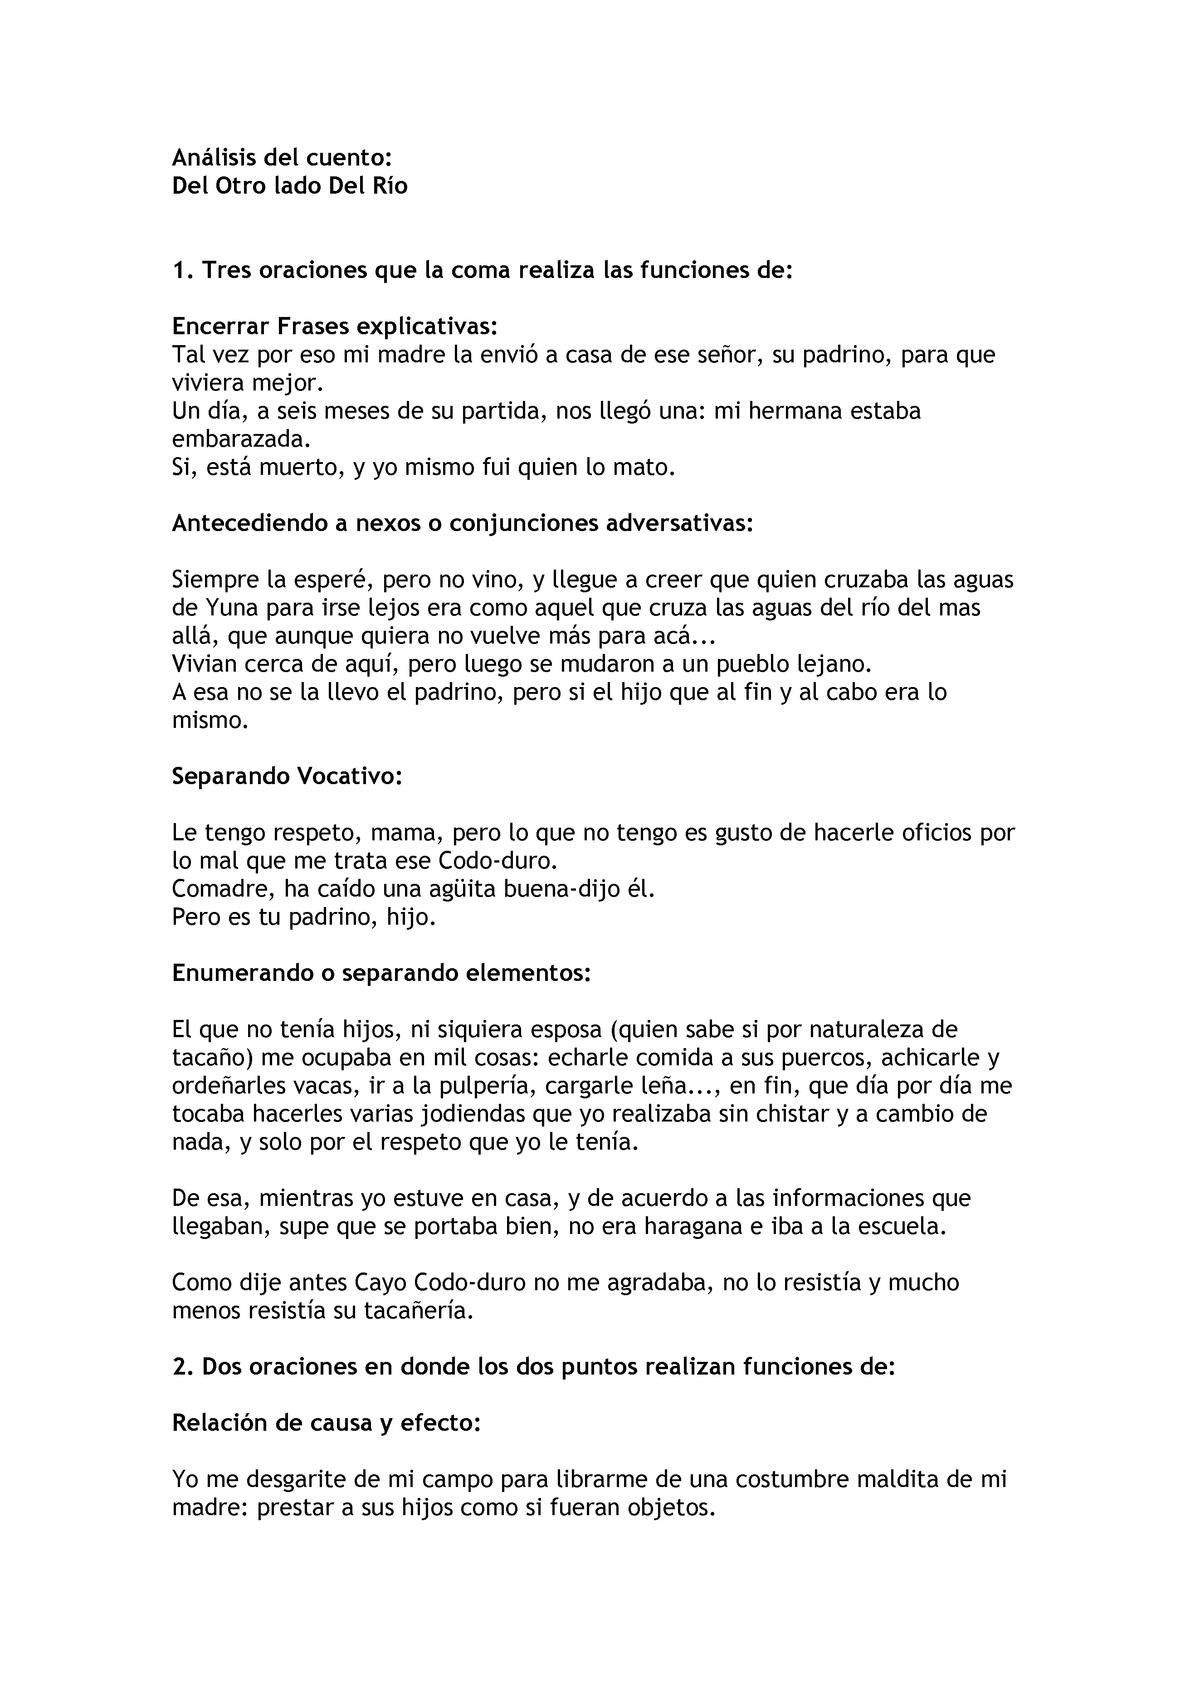 Análisis Del Cuento Lengua Española Básica I Let0110 Studocu